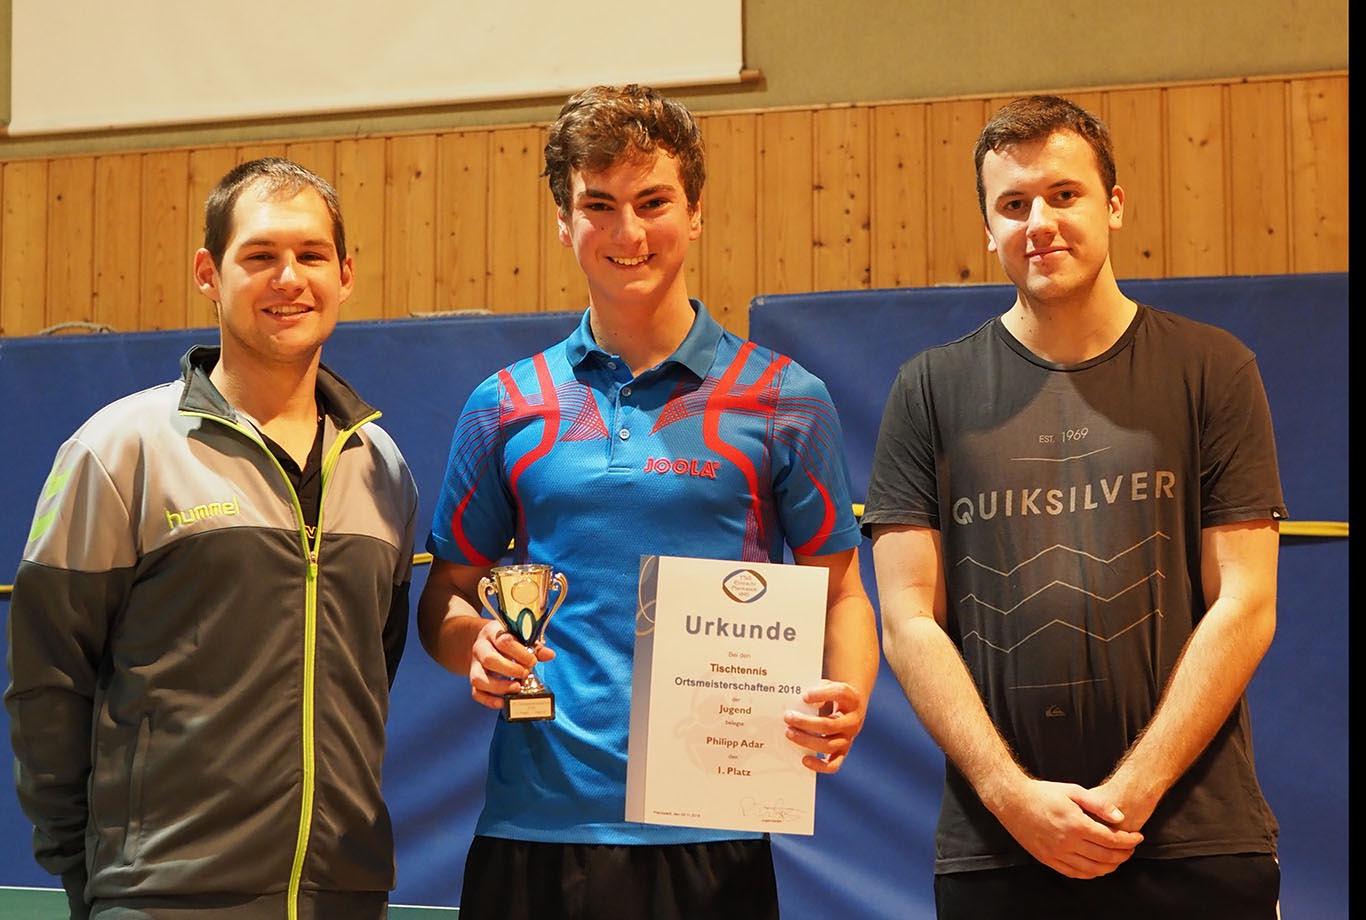 PascalDilger, Titelverteidiger Philipp Adar und Moritz Fleischmann bei den Tischtennis Ortsmeisterschaften Jugend 2018/19